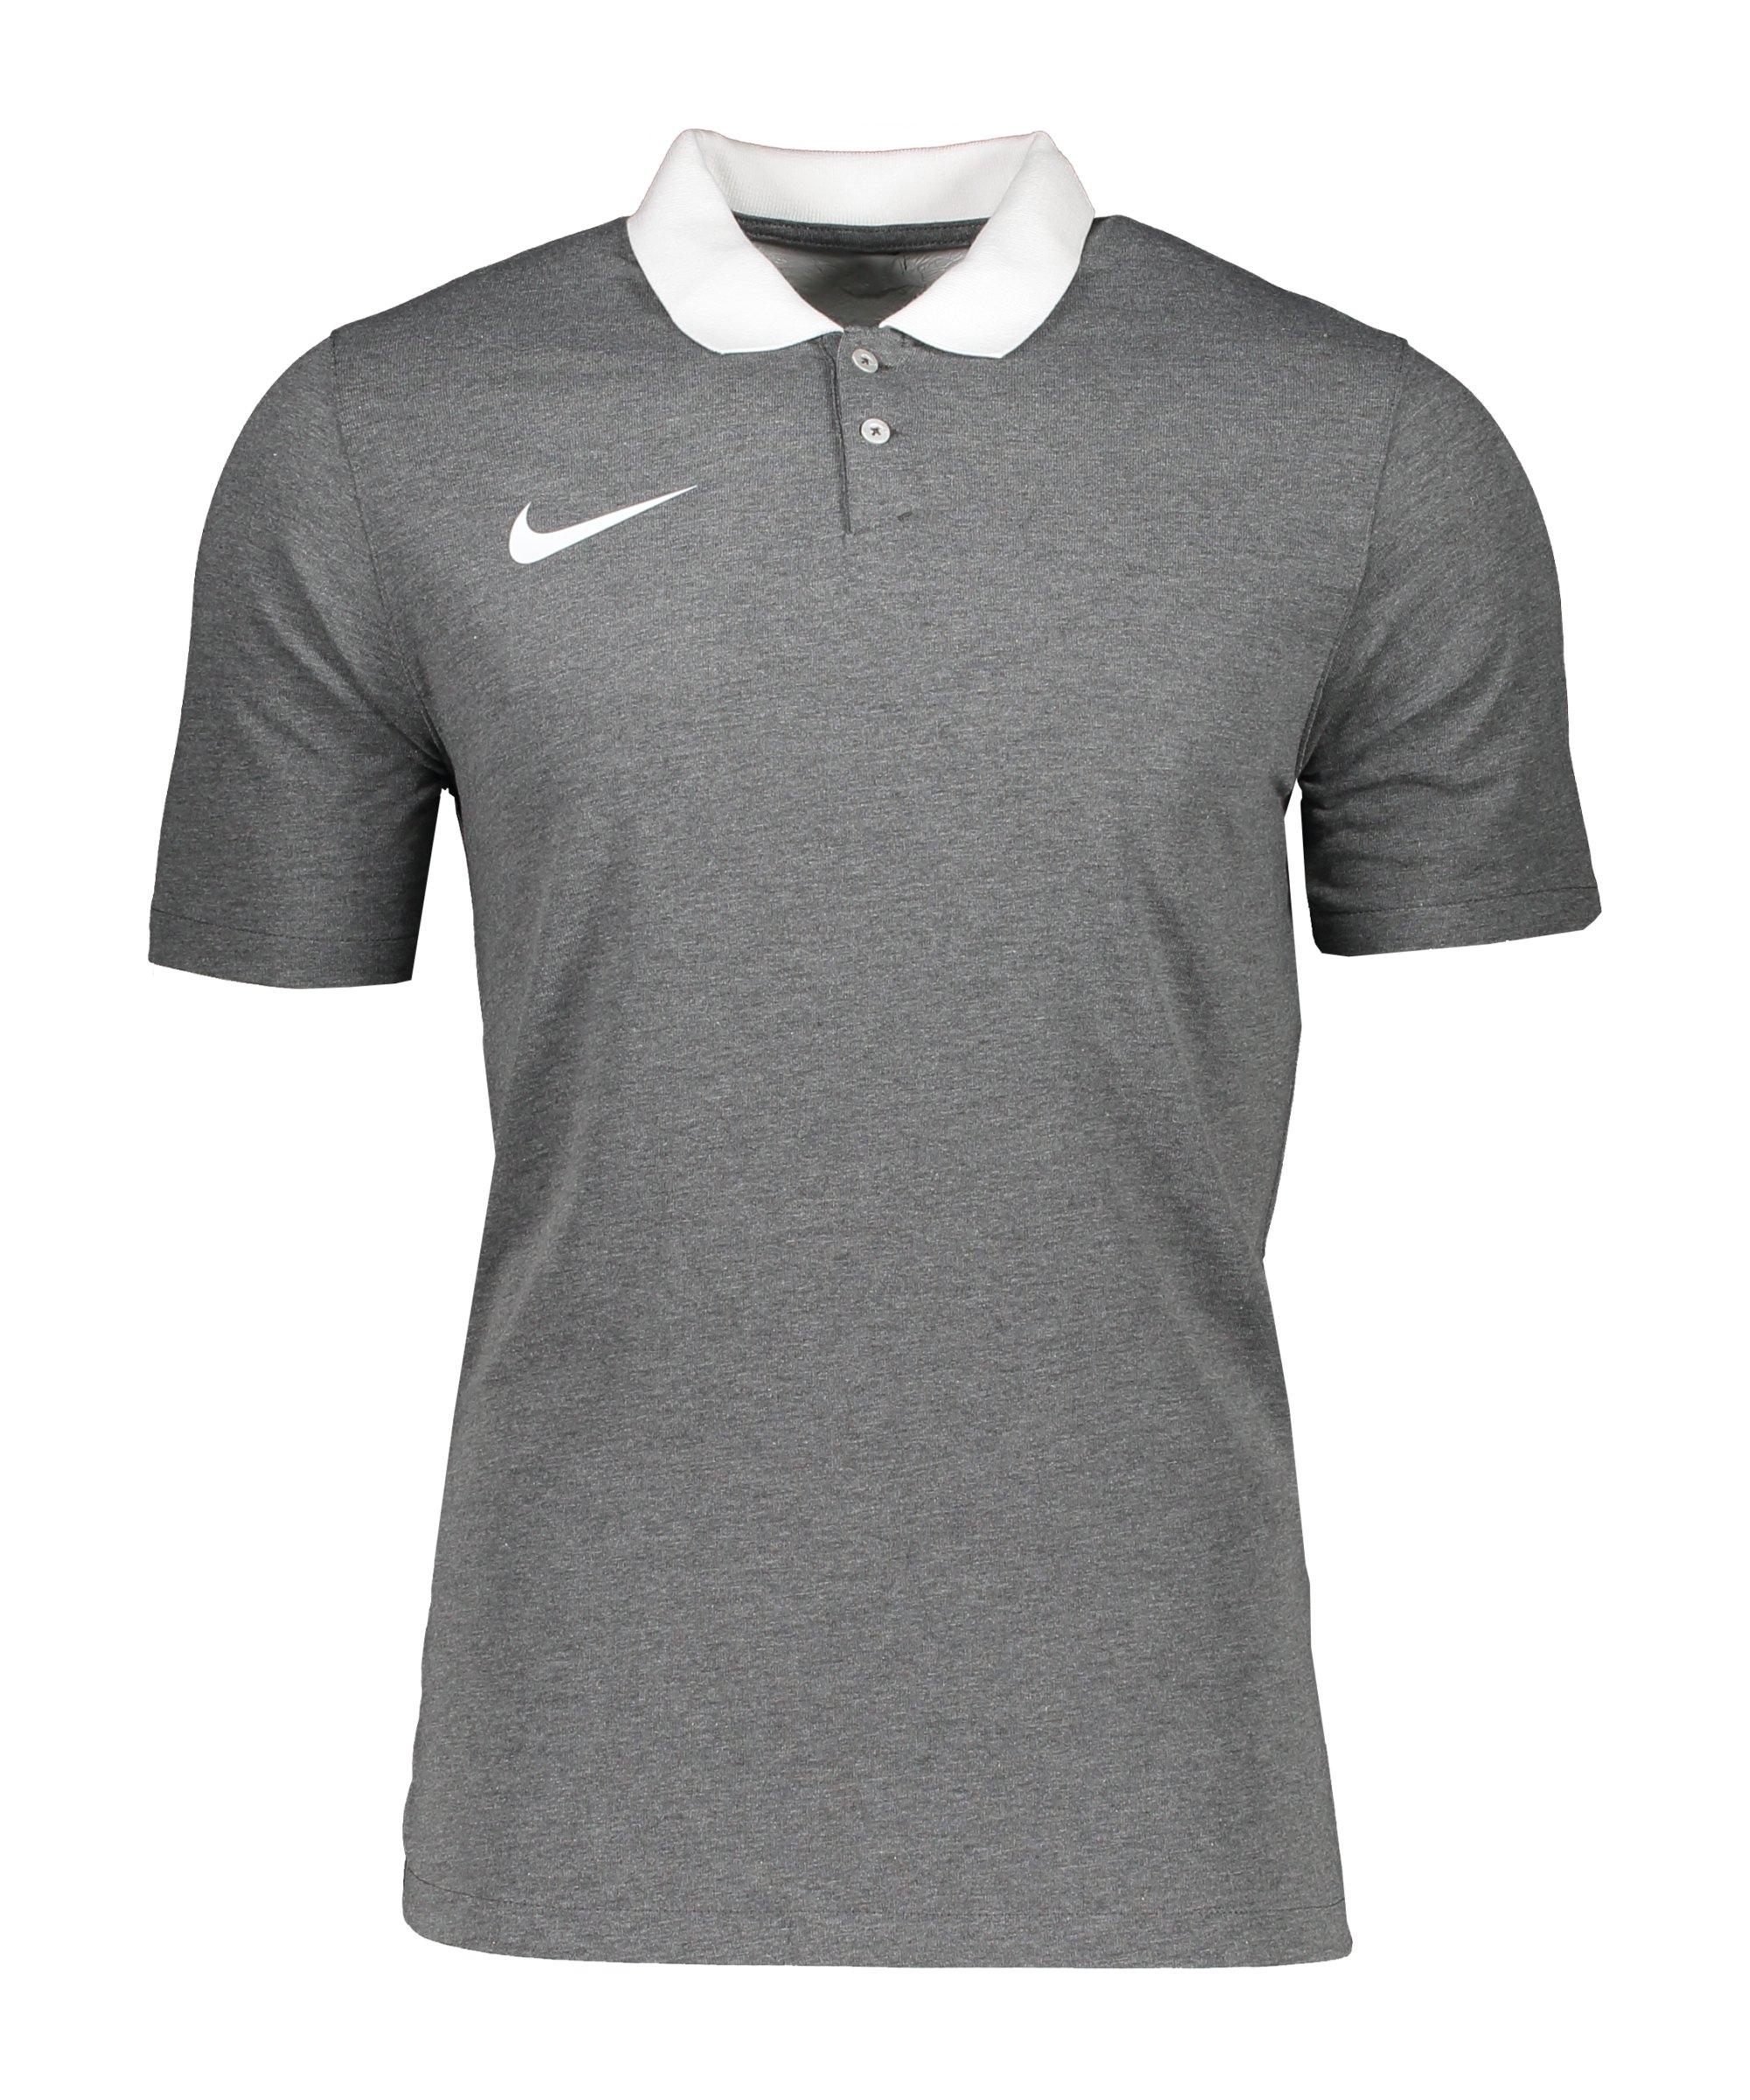 Nike Park 20 Poloshirt Grau Weiss F071 - grau